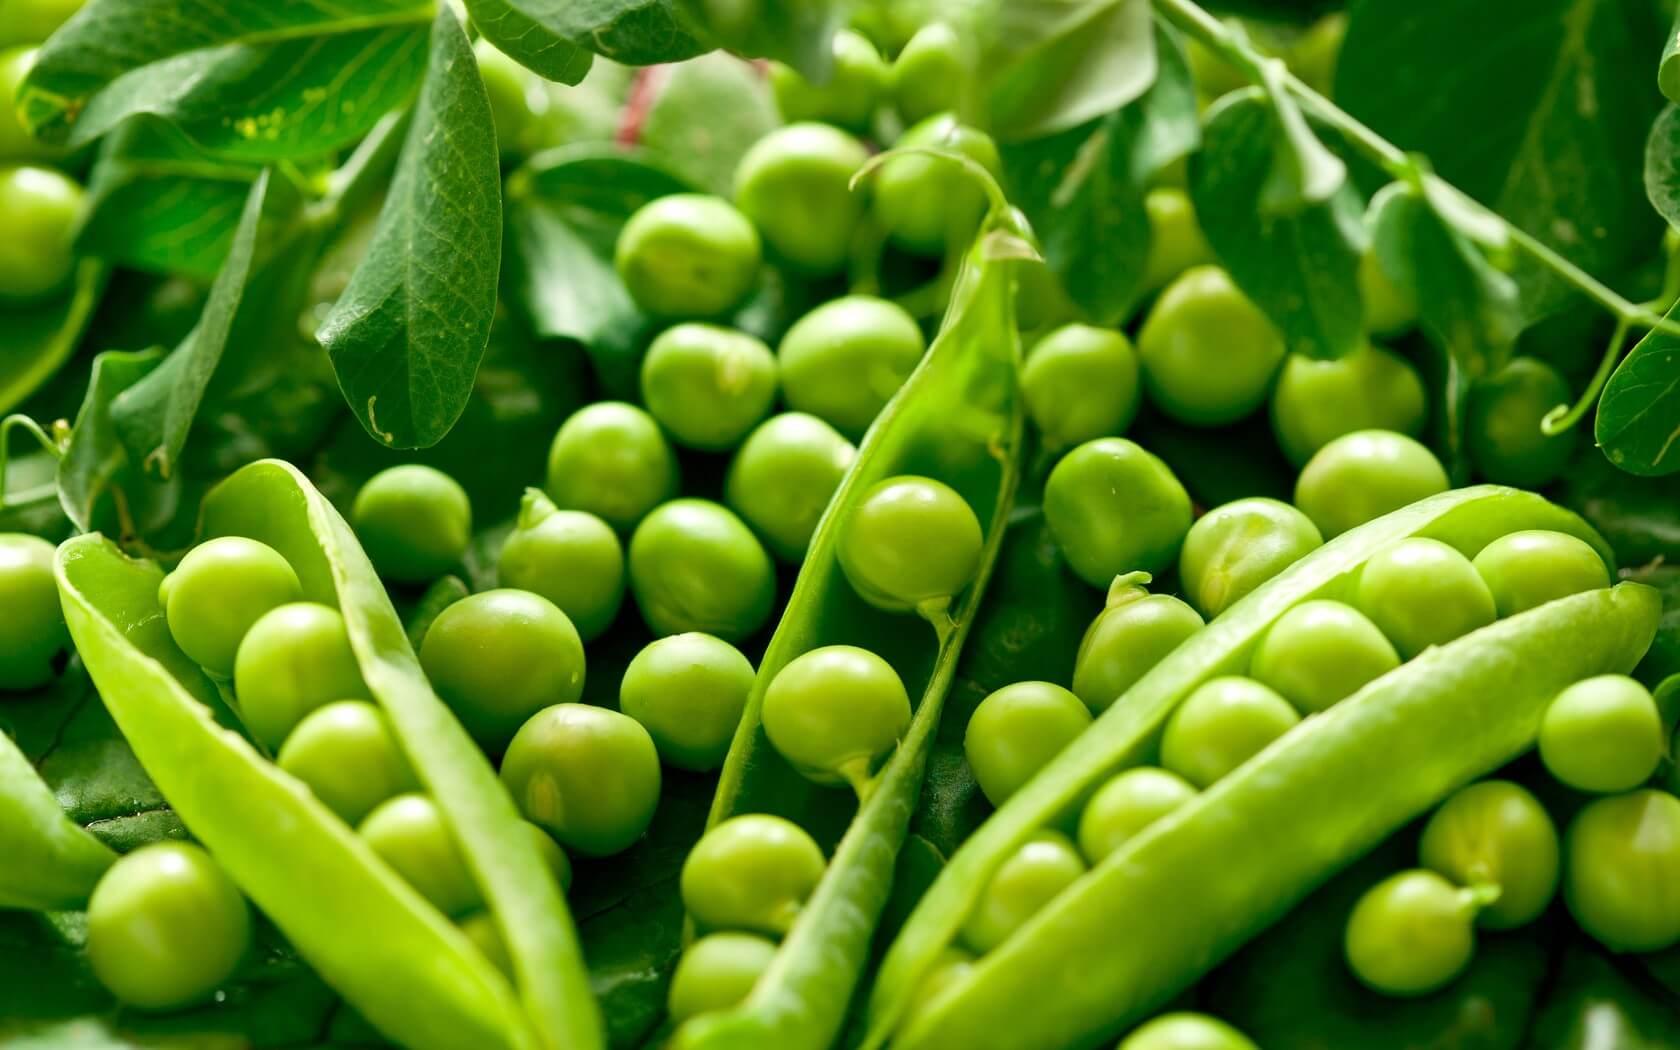 Калорийность гороха, его польза для организма, способы приготовления и рецепты вкусных блюд новые фото